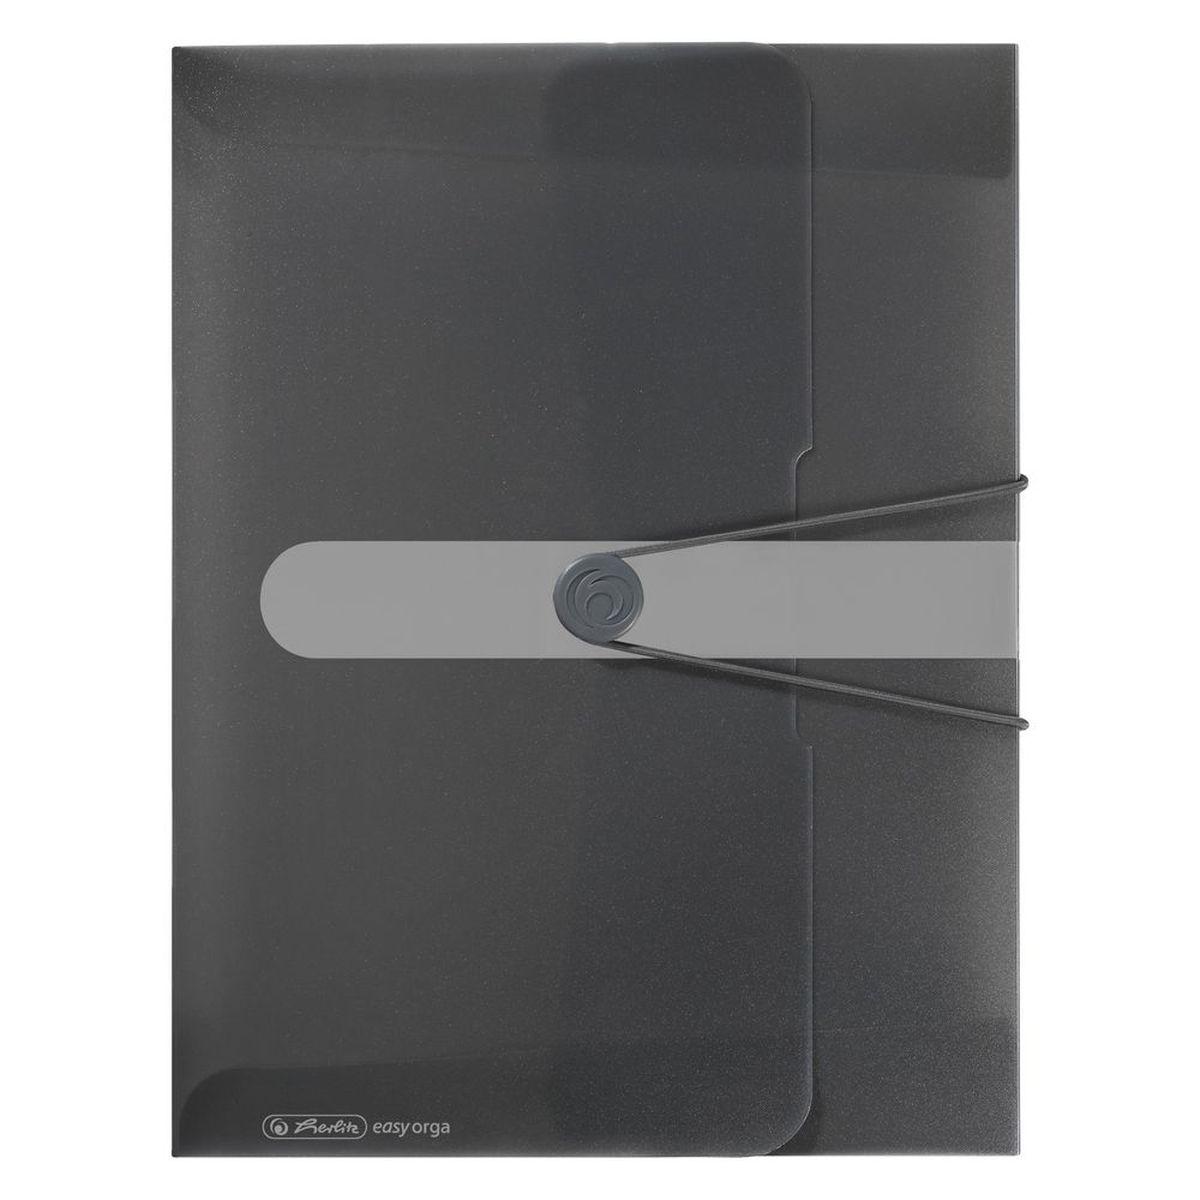 Herlitz Папка-конверт Easy orga to go цвет серый11206166Папка-конверт Herlitz Easy orga to go станет вашим верным помощником дома и в офисе. Это удобный и функциональный инструмент, предназначенный для хранения и транспортировки больших объемов рабочих бумаг и документов формата А4. Папка изготовлена из износостойкого пластика и качественного полипропилена. Состоит из одного вместительного отделения. Закрывается папка при помощи резинки, а на корешке папки есть ярлычок. Папка - это незаменимый атрибут для любого студента, школьника или офисного работника. Такая папка надежно сохранит ваши бумаги и сбережет их от повреждений, пыли и влаги.